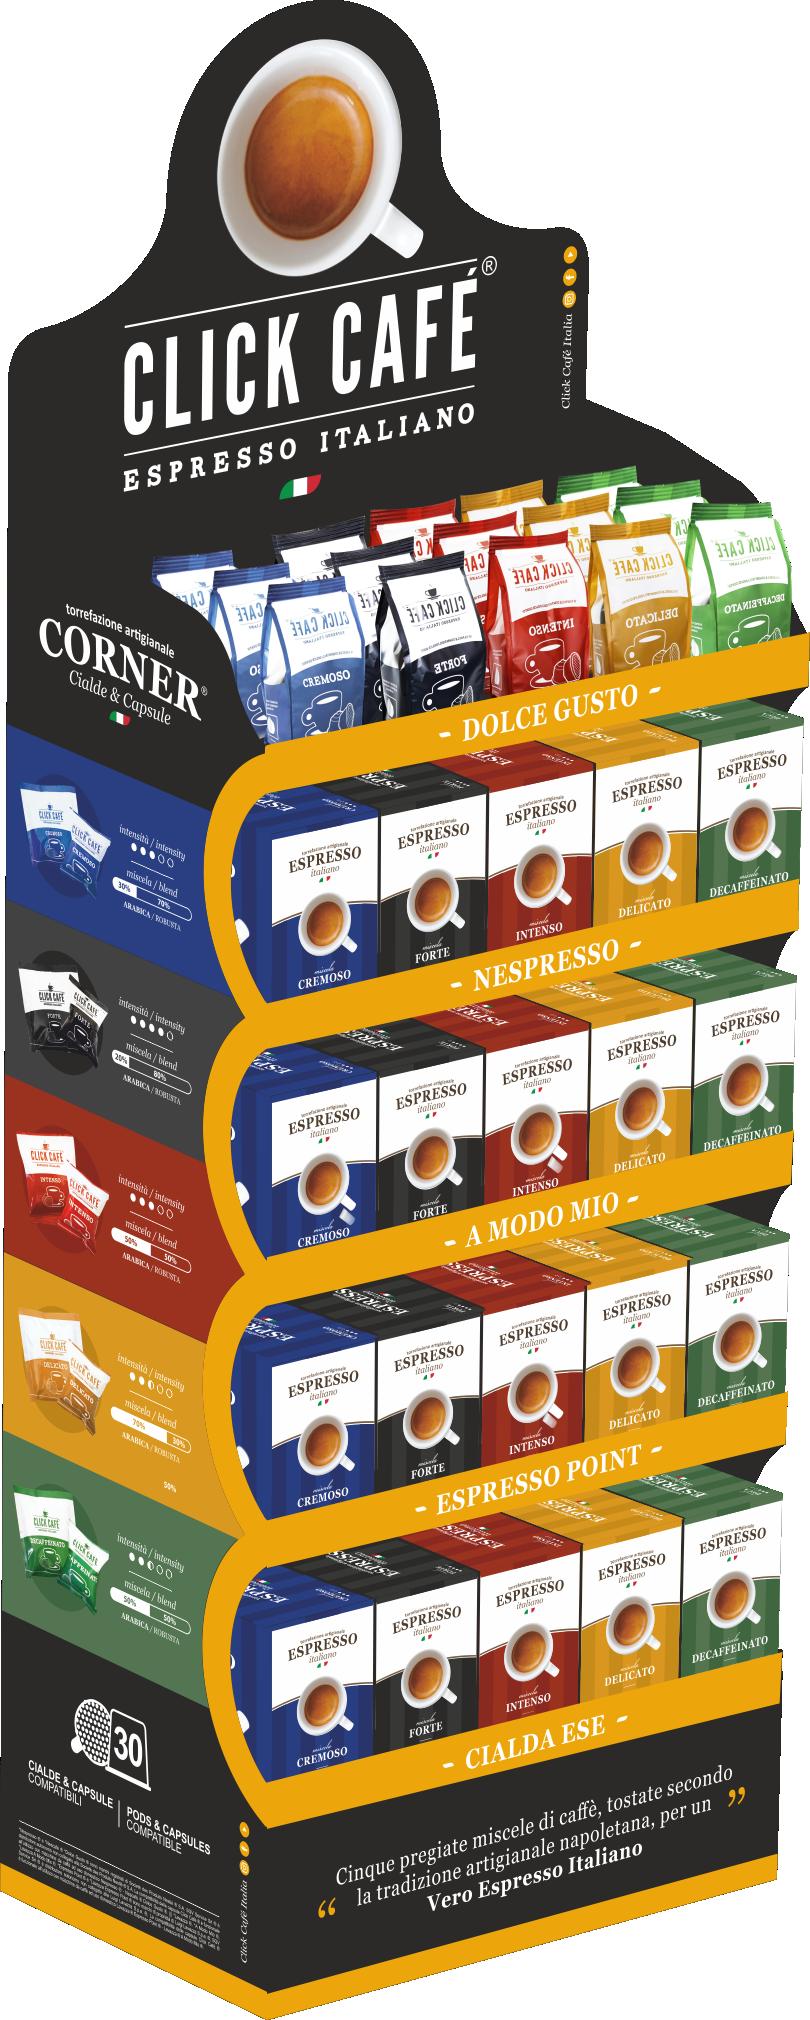 Espositore caffè cialde e capsule - espositore caffè - espositore cialde e capsule - Corner caffè Cialde e Capsule - Corner caffè - corner cialde e capsule - Corner cialde - Corner cialde caffè - Corner capsule caffè - i caffè